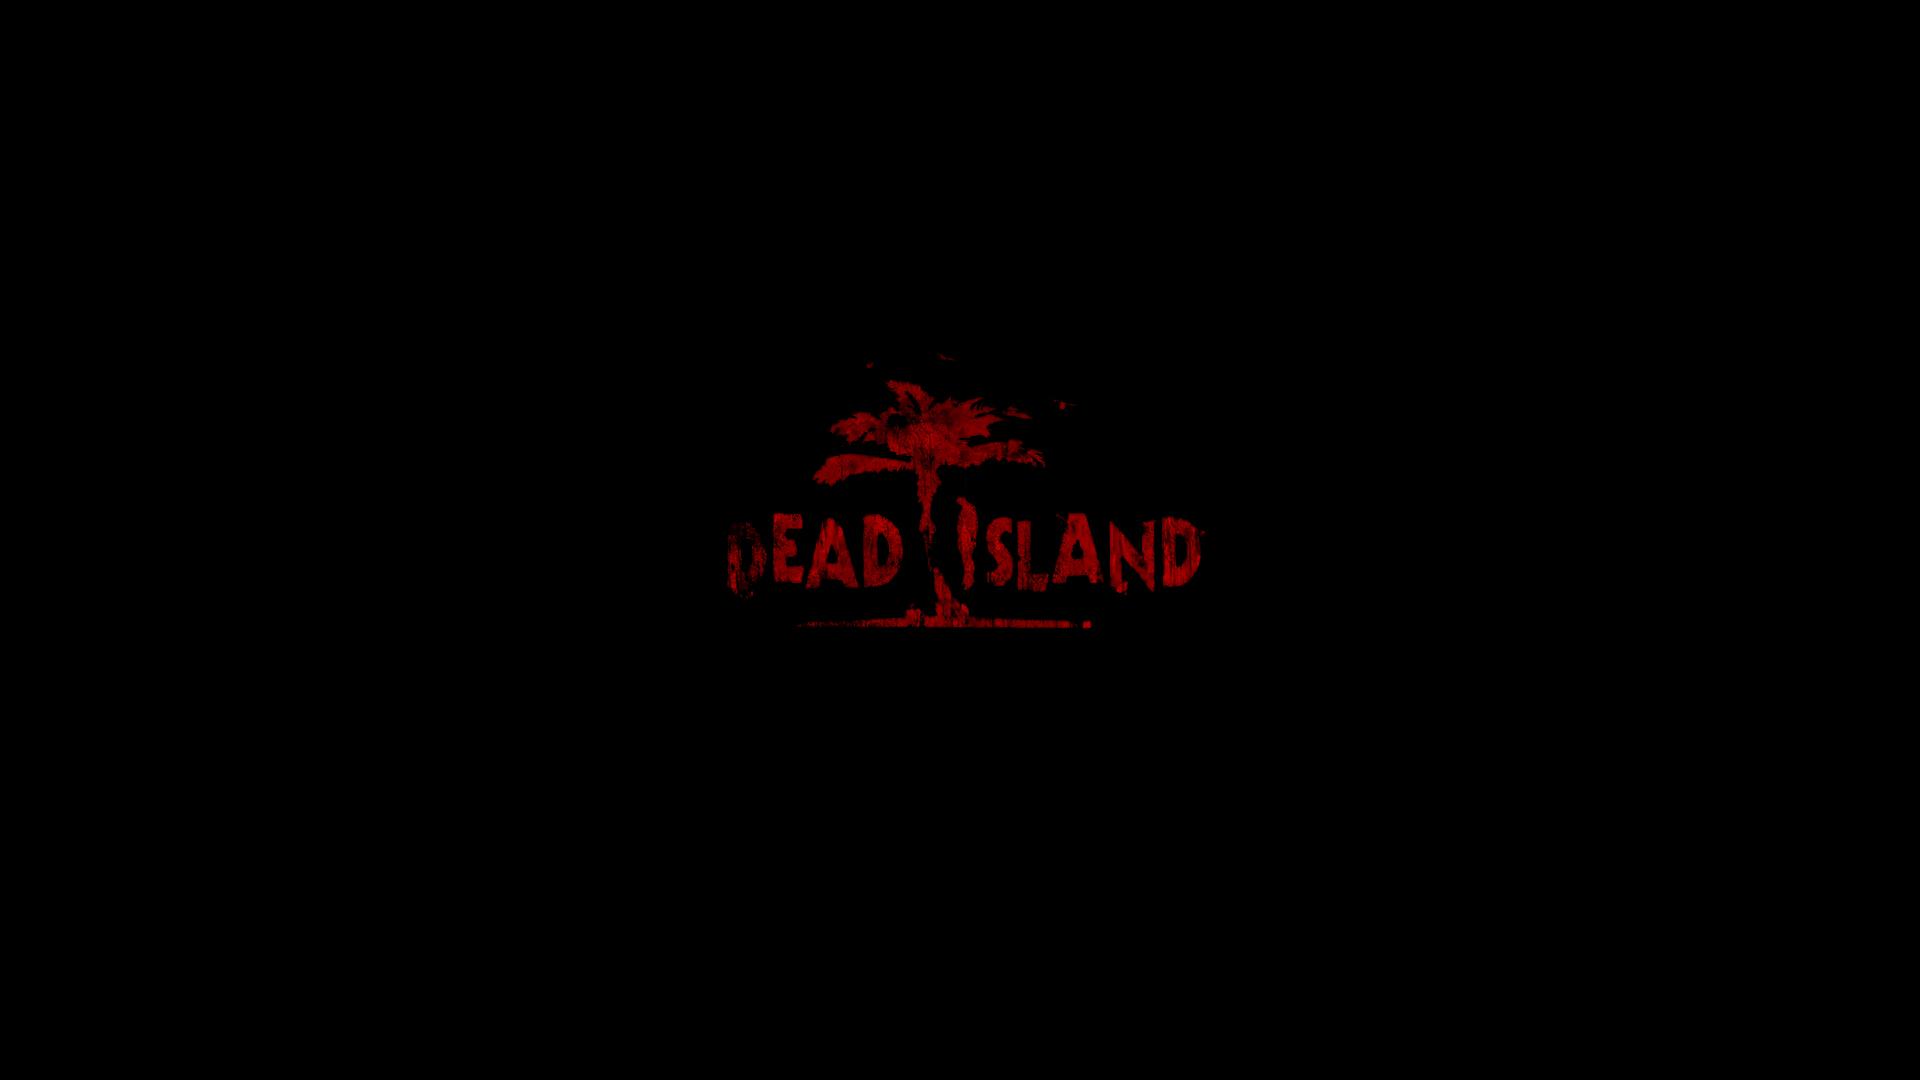 Dead Island wallpaper 4